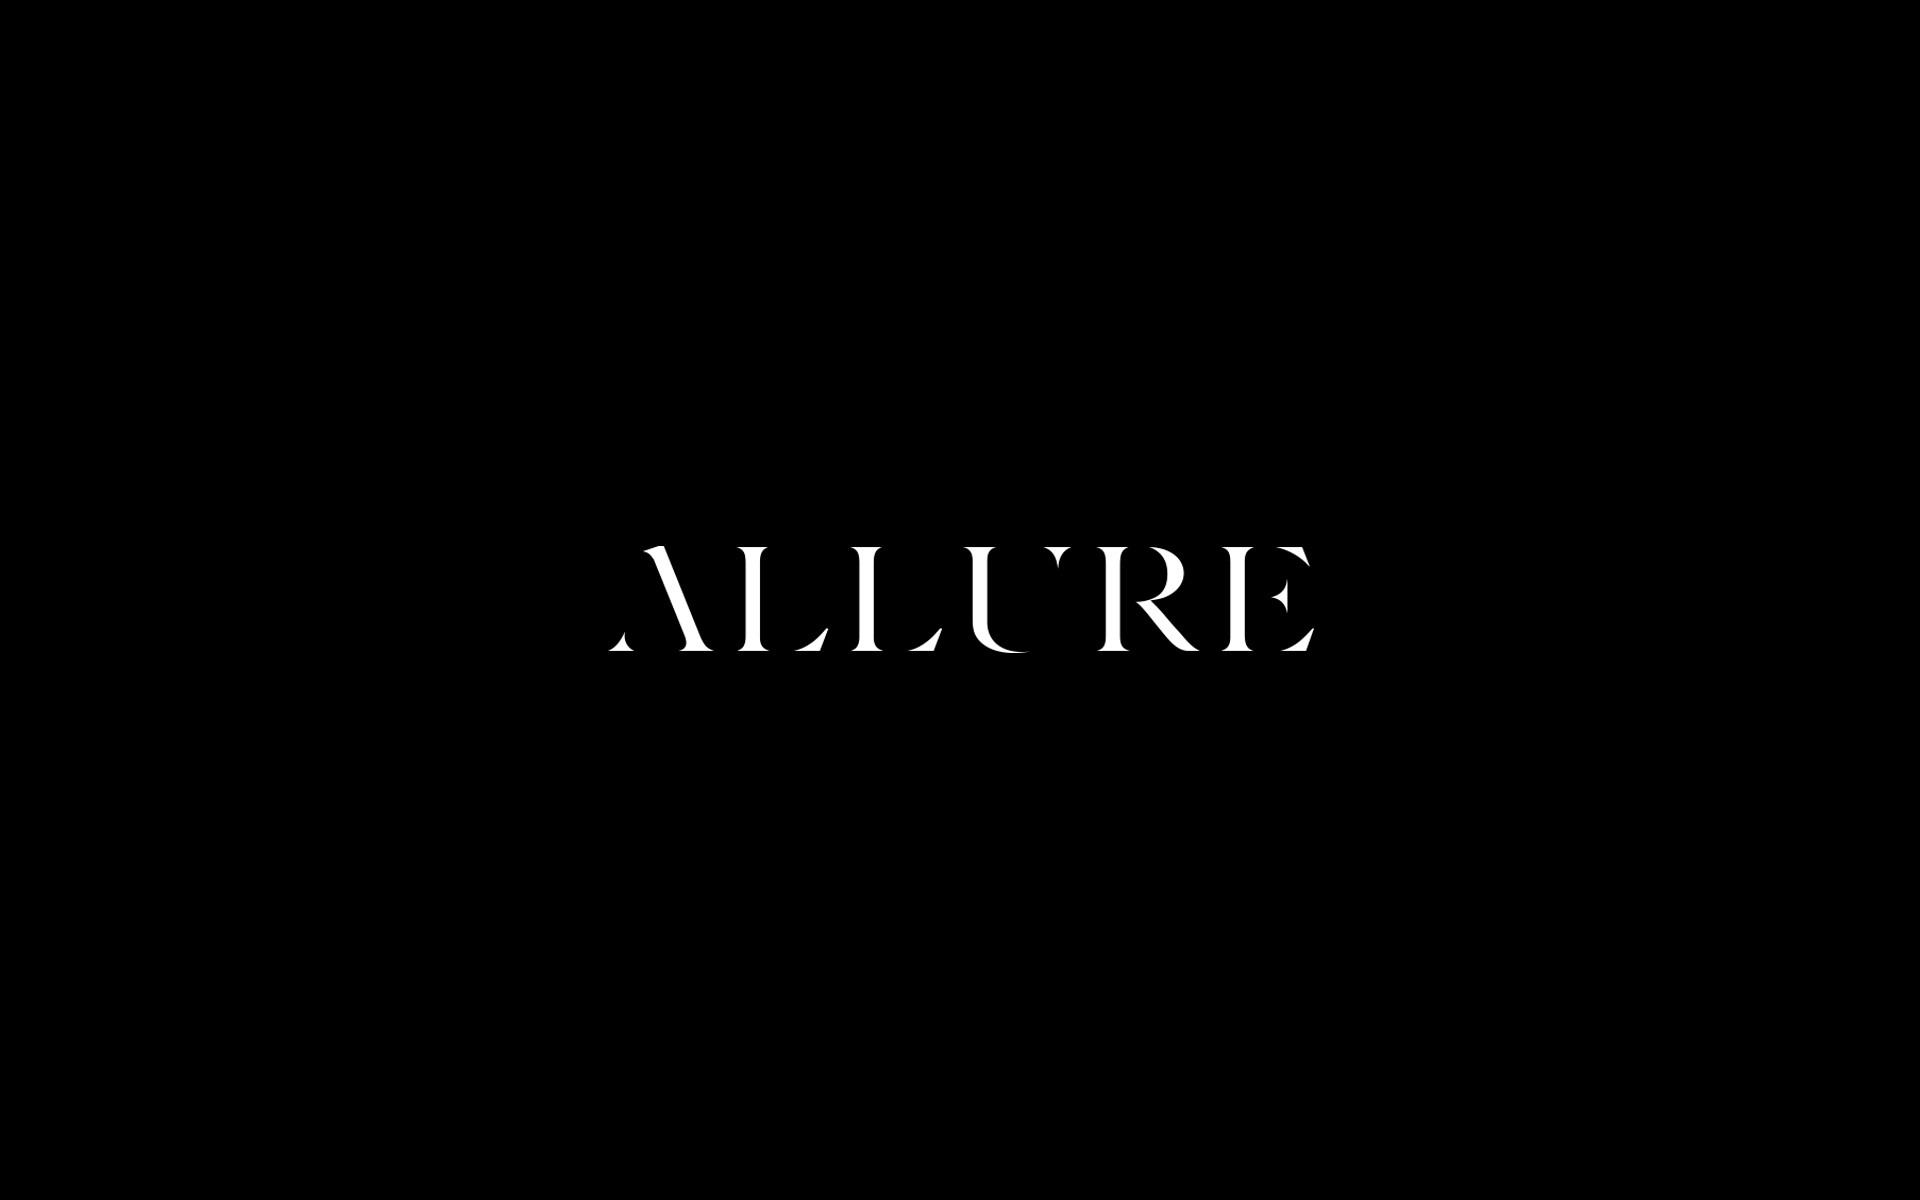 allure02